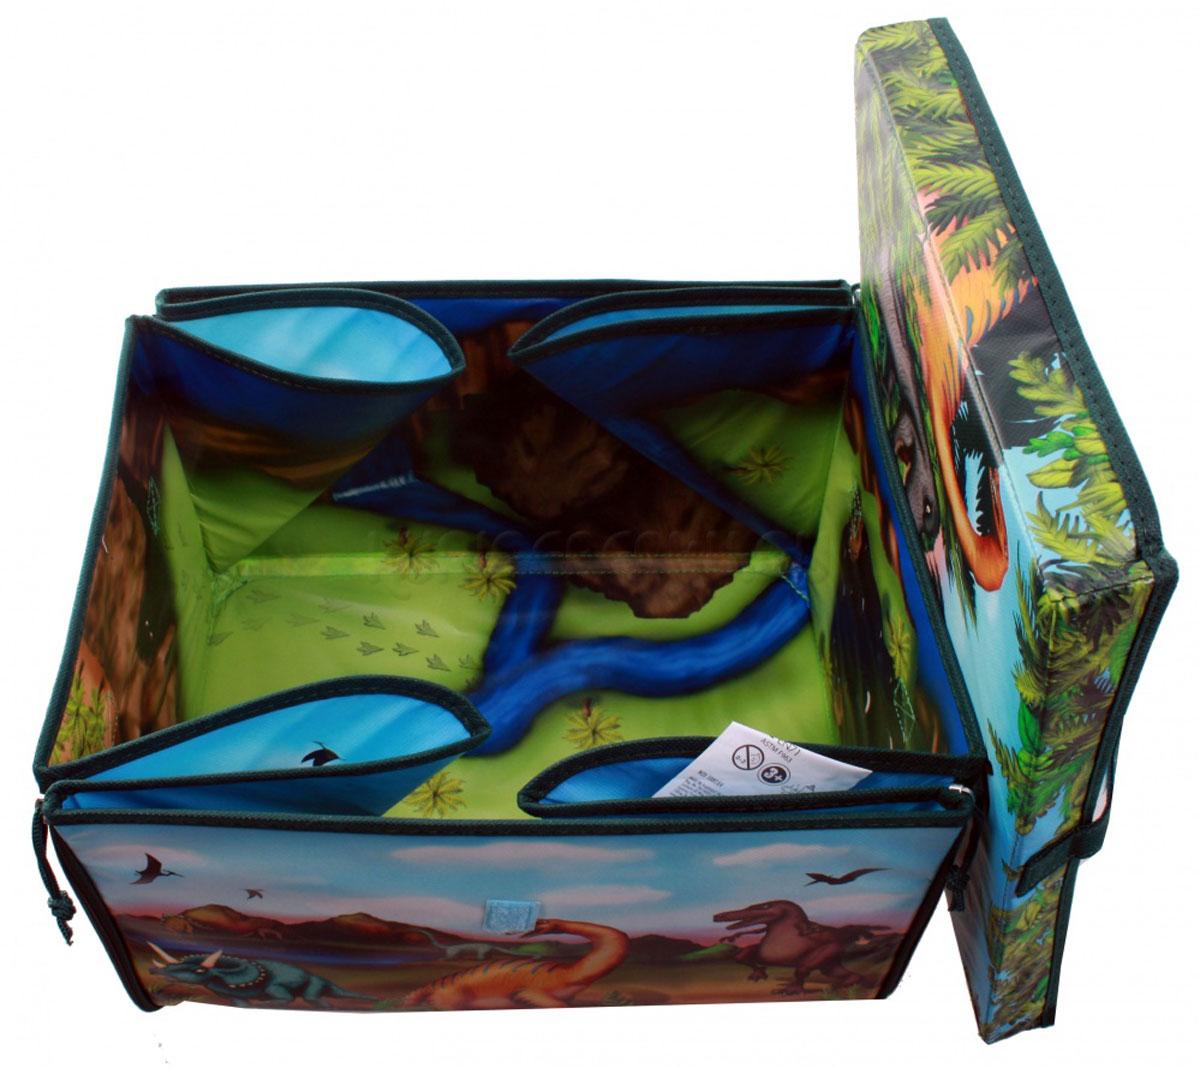 Dinosaur Игровой набор ЗипБин Динозавр 3 предметаА1081Х4Вопрос о сохранности и транспортировке игрушек можно считать решенным, ведь теперь у вашего ребенка будет оригинальный и удобный ЗипБин. В нем можно не только переносить или хранить игрушки, он и сам является частью игры. Интересный формат коробки-коврика позволяет максимально просто организовать сбор использованных элементов – только не позволяйте им выходить за пределы площадки! Коробка легко раскладывается и превращается в красочный коврик. Игровое поле украшено изображением фантастического мира доисторических хищников. С помощью фигурок-динозавров (2 в комплекте) можно придумать множество интересных сценариев и разыграть их прямо на полу своей комнаты. Могучие динозавры и захватывающие приключения уже ждут вас! С помощью ЗипБина этой серии вы сможете создать свои собственные удивительные истории, стать их режиссером и главным героем. Фигурки динозавров из всех игровых наборов прекрасно подходят для коллекционирования. Собрав всех зверей вместе, вы сможете разыгрывать поистине эпические сражения, достойные экранизации. Увлекательная игра докажет, что грубой силе всегда можно противопоставить смекалку, умение пользоваться техникой и командный дух. Состав: коробка-коврик-50%полипропилен, 50% картон; фигурка-пластик. Рекомендуемый возраст - от 3х лет. Размер коробки-33,7Х30Х20 см (д/ш/в), коврика-72,5Х65 см, высота фигурки-7,5 см.